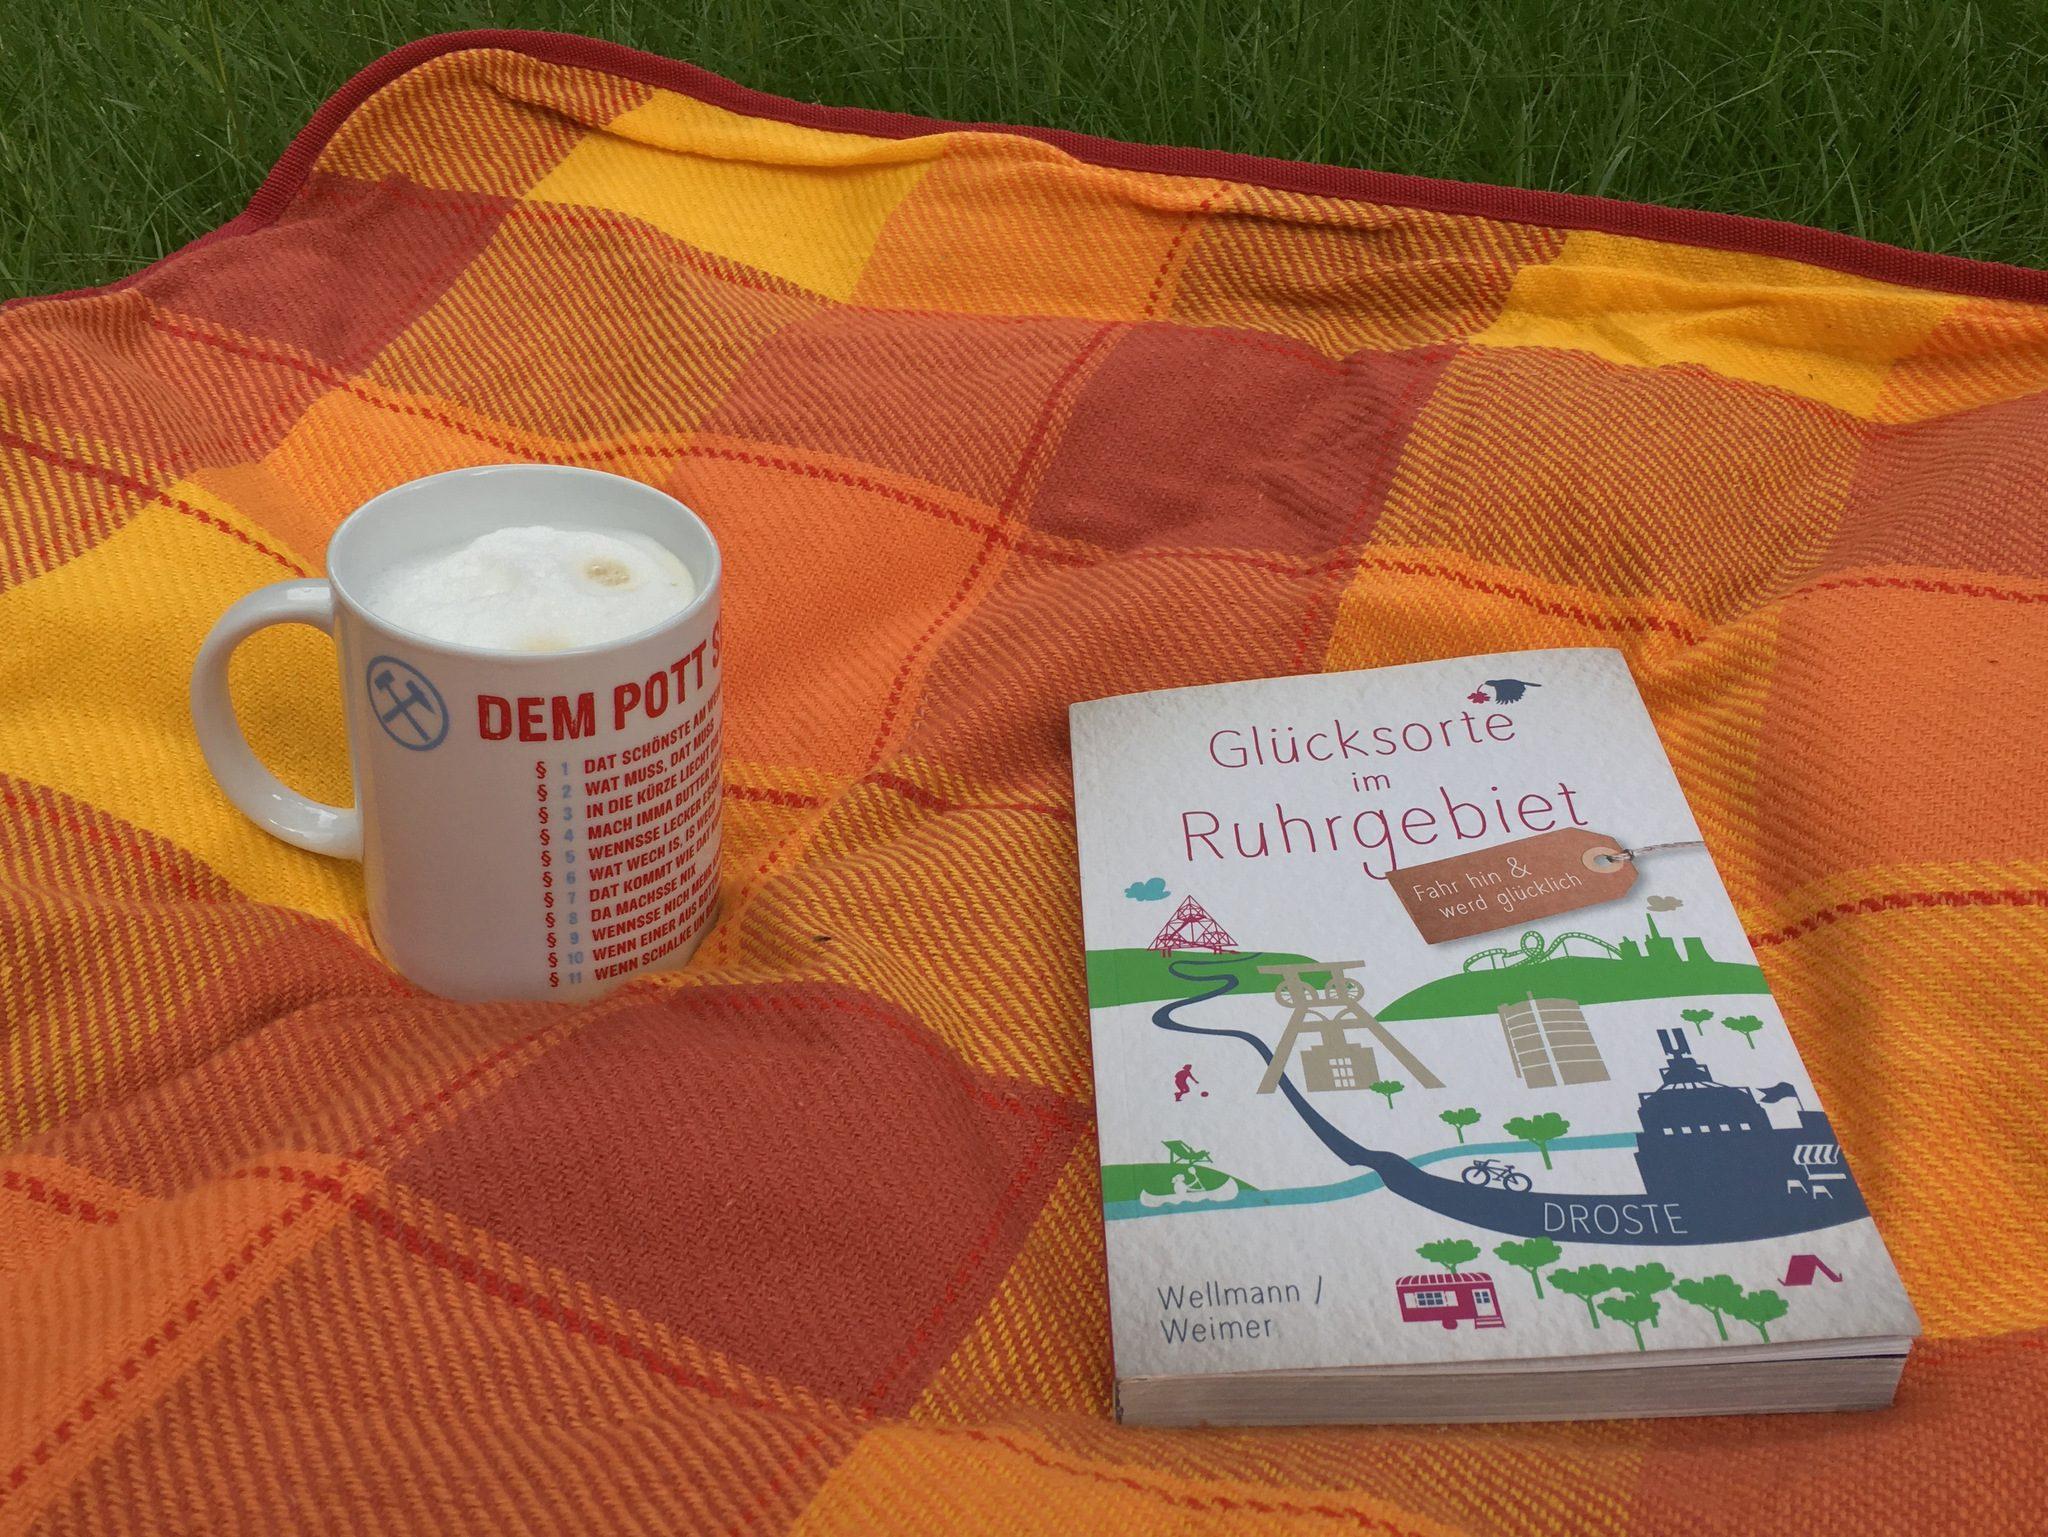 (M)ein Glücksort beim Lesen der Glücksorte im Ruhrgebiet.